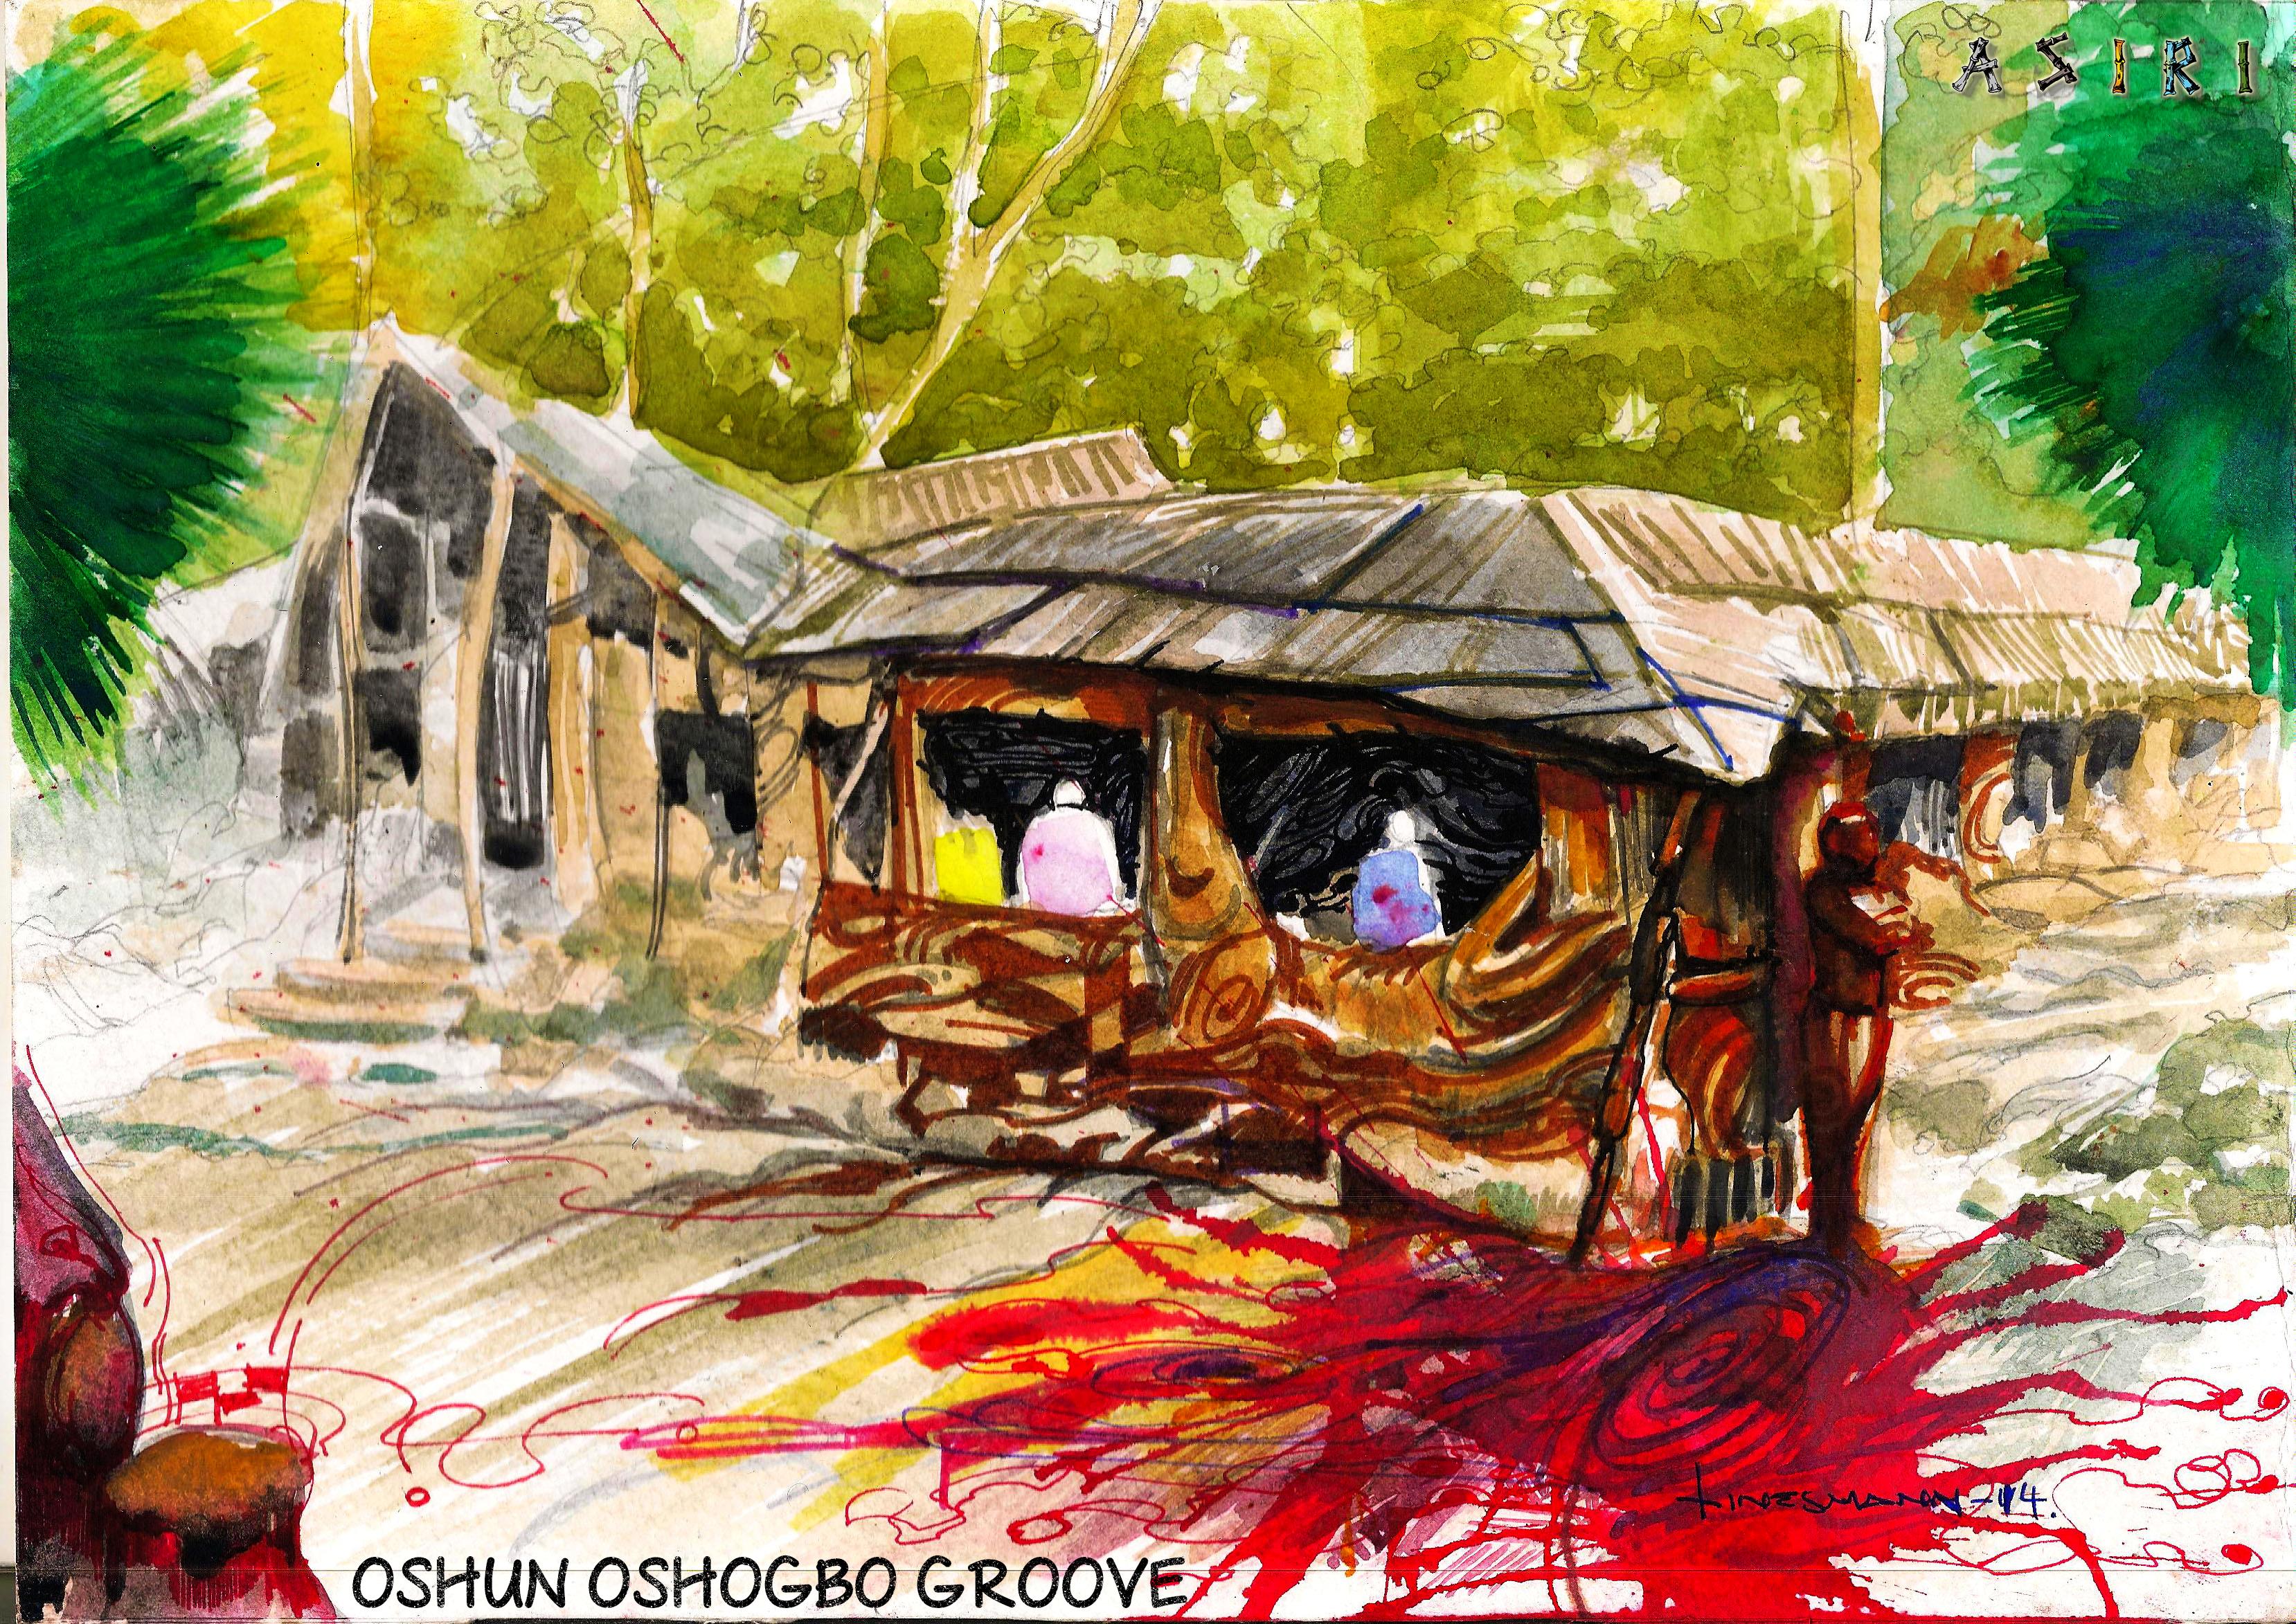 Oshun-Oshogbo Groove